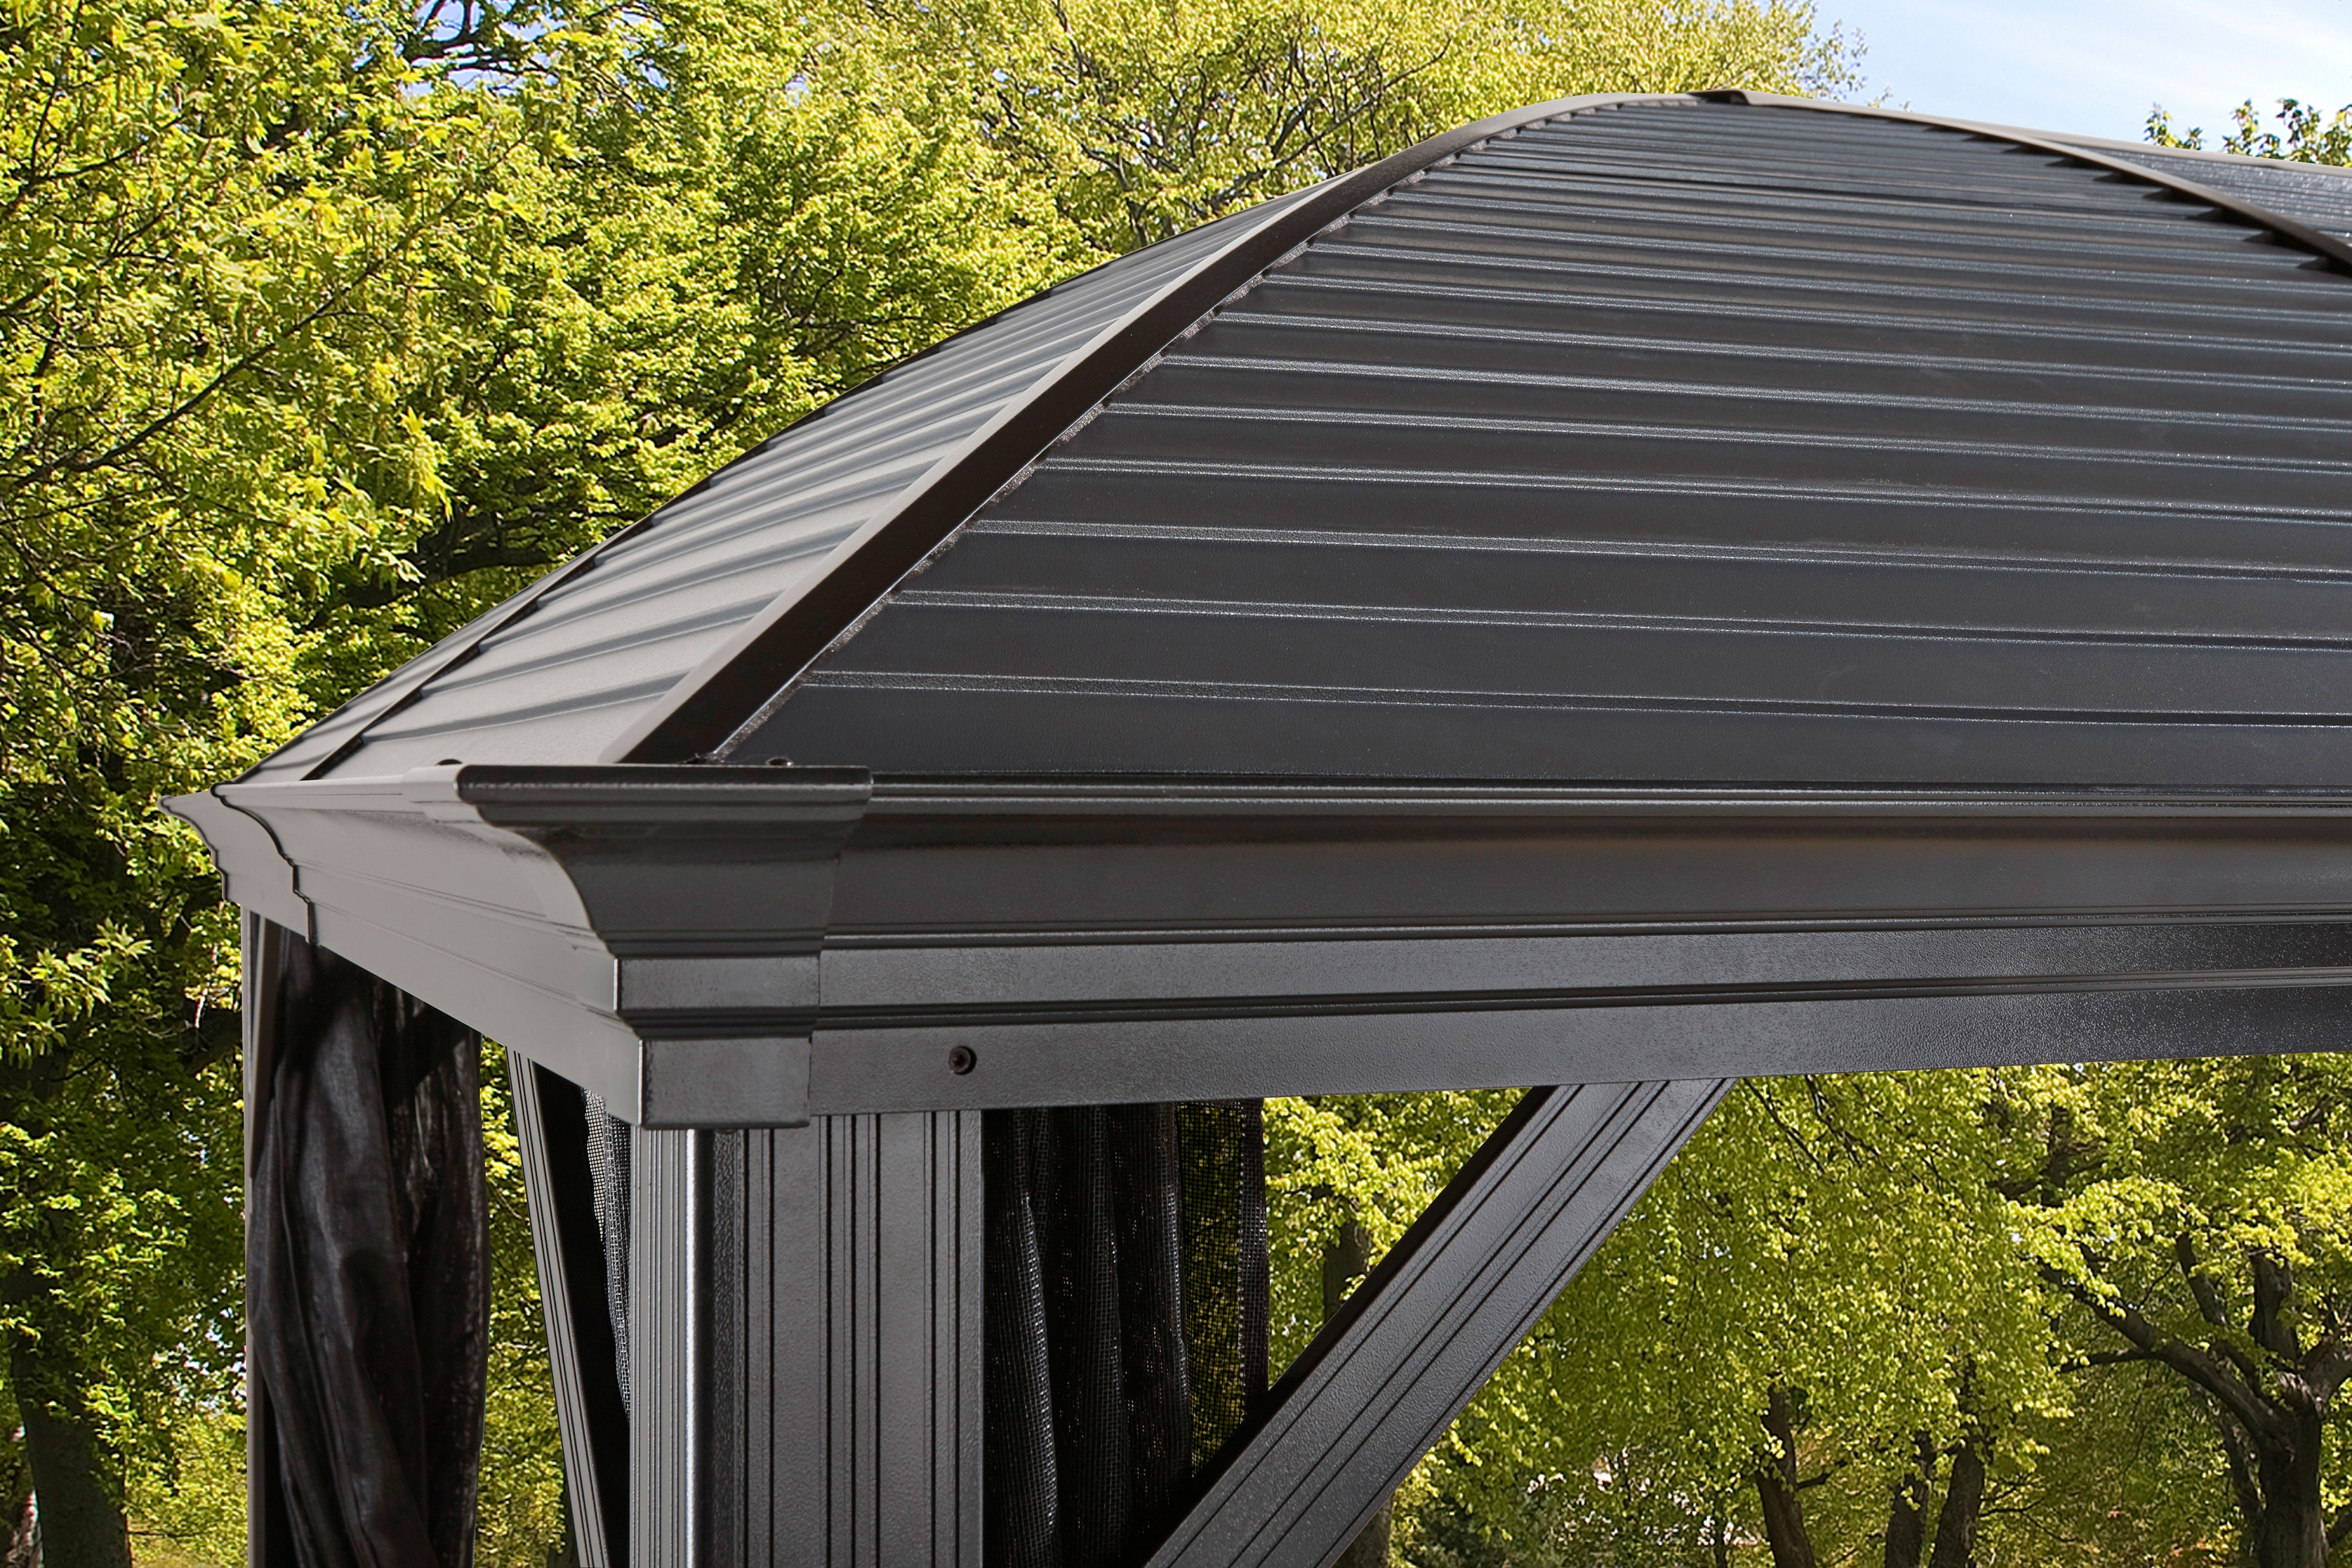 Sojag Pavillon Moreno 10x14, BxT: 298x423 cm günstig online kaufen